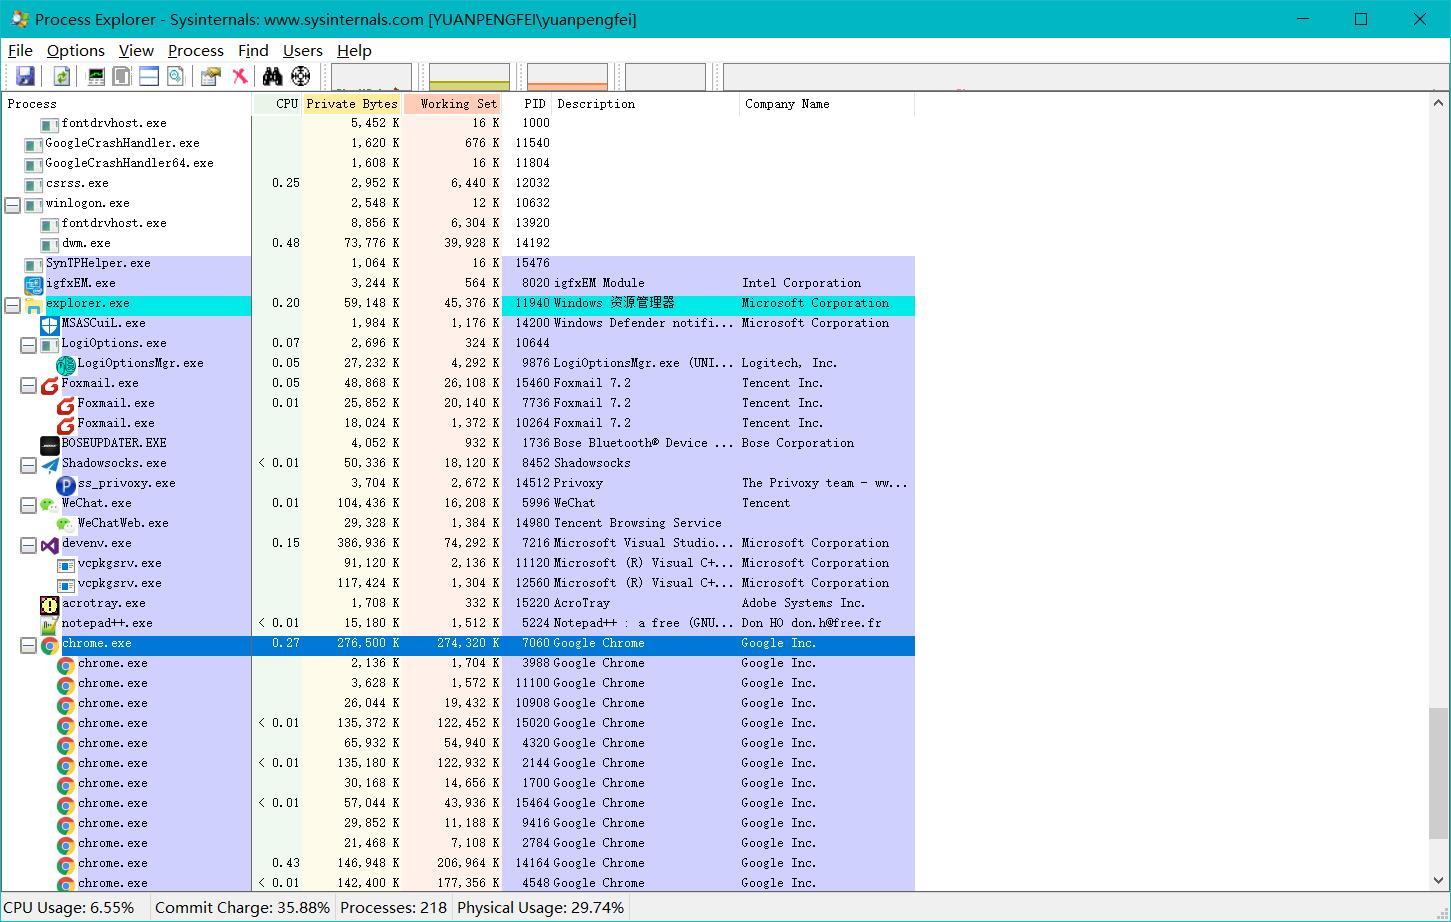 【精品软件】windows下进程分析工具process explorer